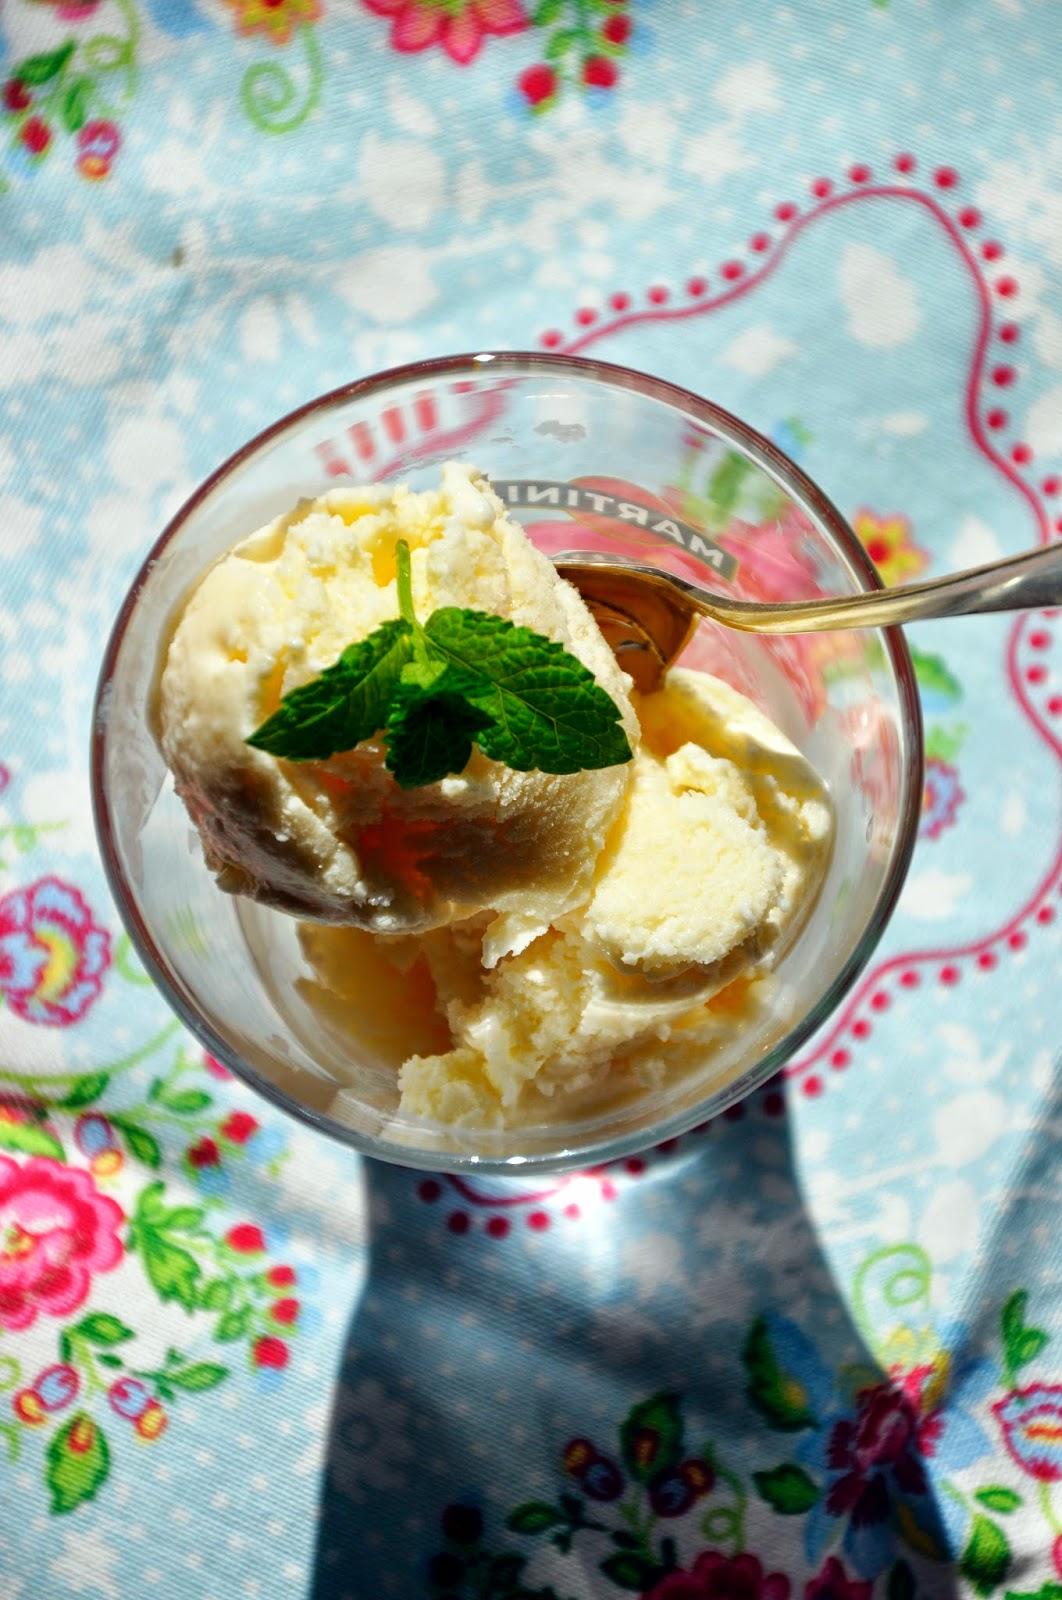 Szybko Tanio Smacznie - Greckie lody z białą czekoladą